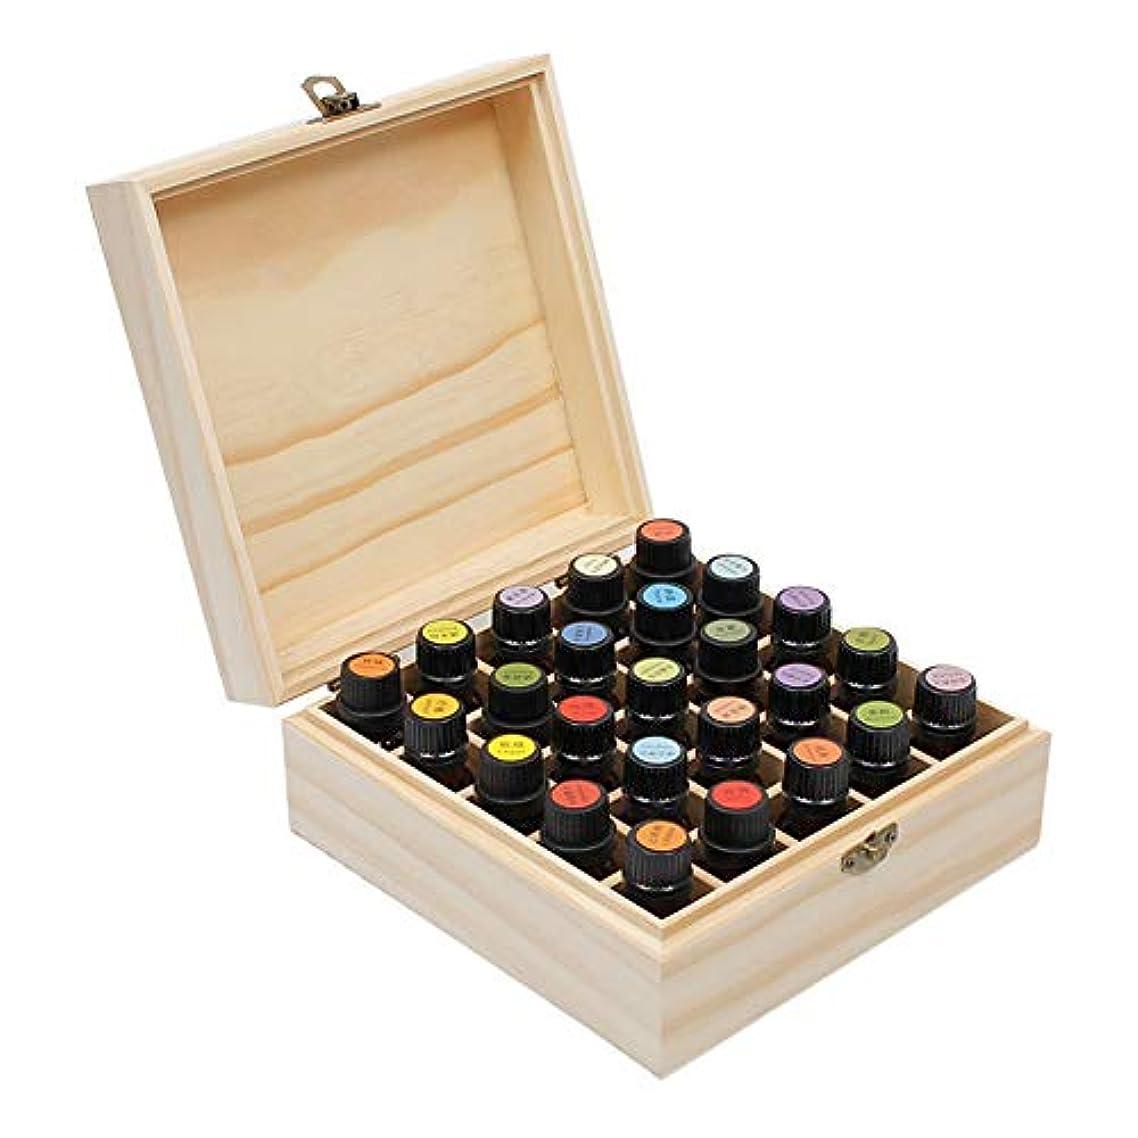 意気揚々店員毎月エッセンシャルオイル収納ボックス 25本用 木製エッセンシャルオイルボックス メイクポーチ 精油収納ケース 携帯用 自然ウッド精油収納ボックス 香水収納ケース